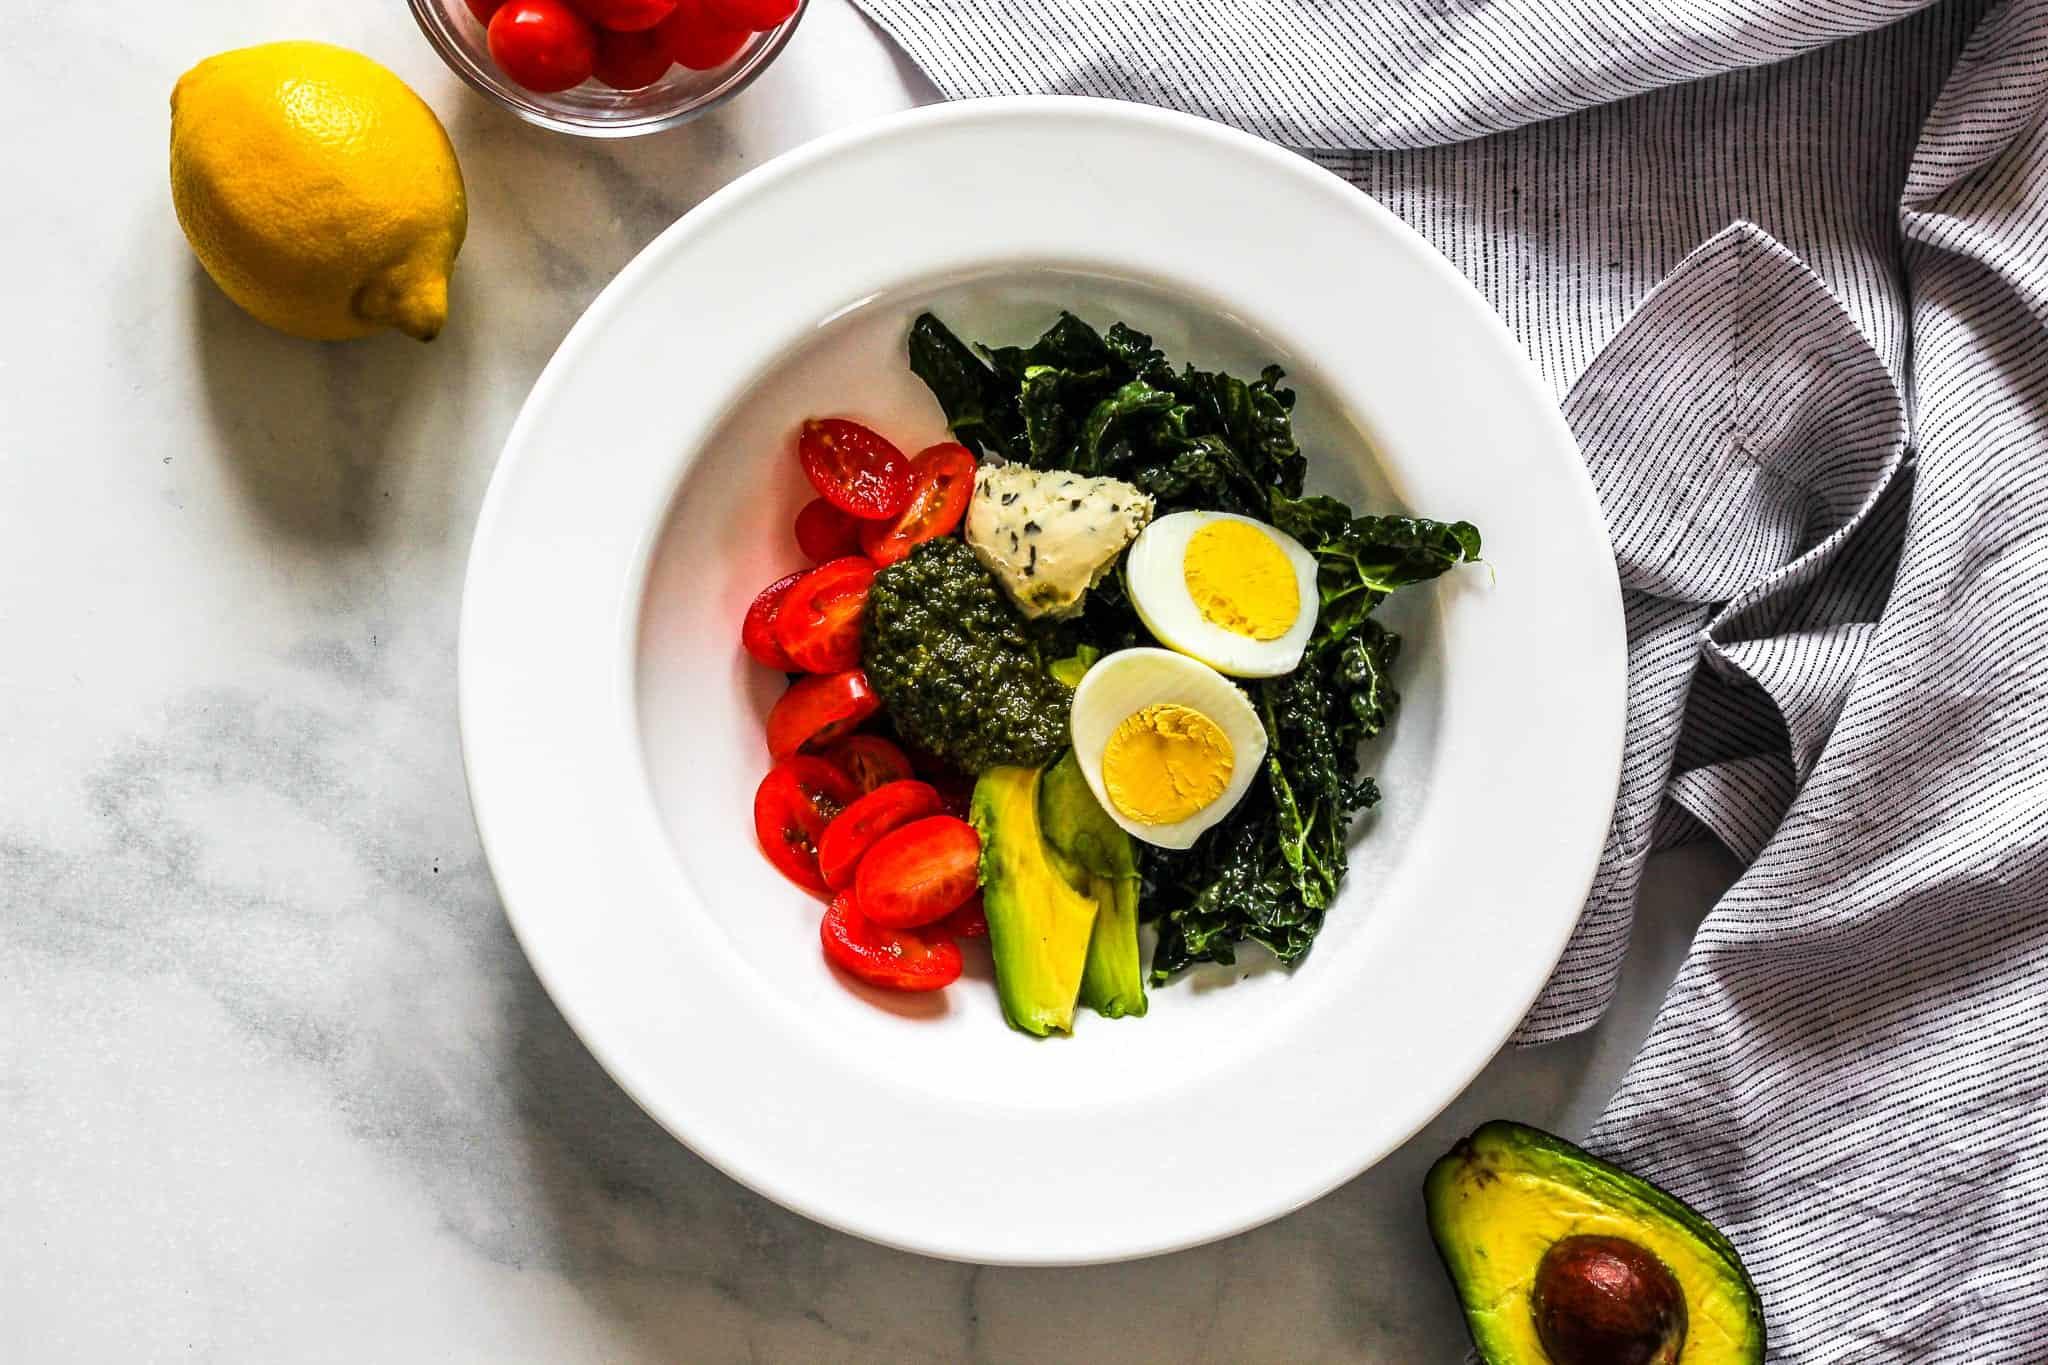 Tomato Basil Breakfast Bowl - #glutenfree #dairyfree #lowfodmap